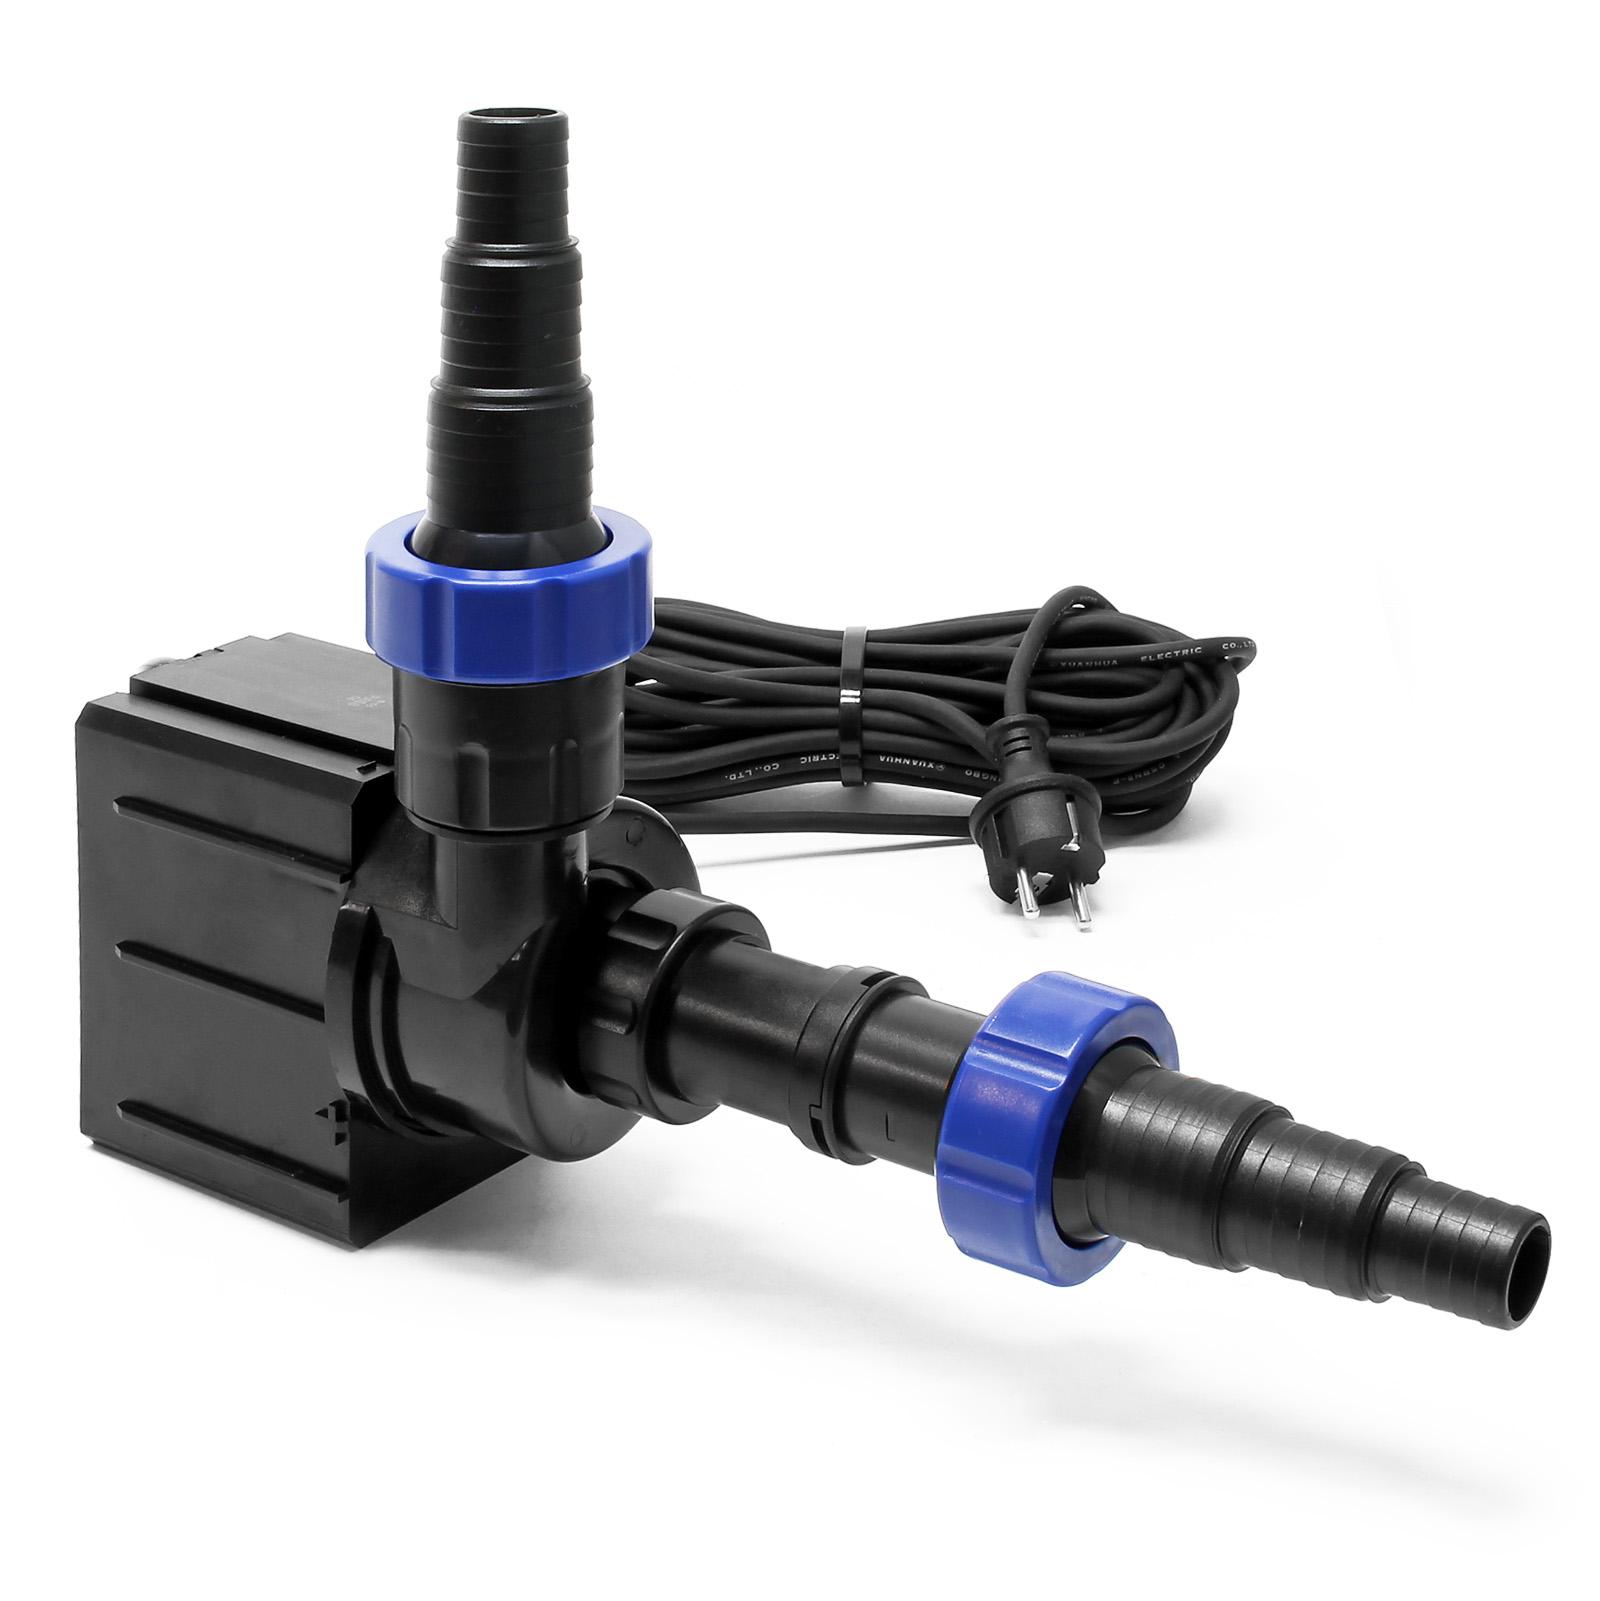 Vari modelli sunsun ctm supereco pompa per laghetto salus for Pompa e filtro per laghetto